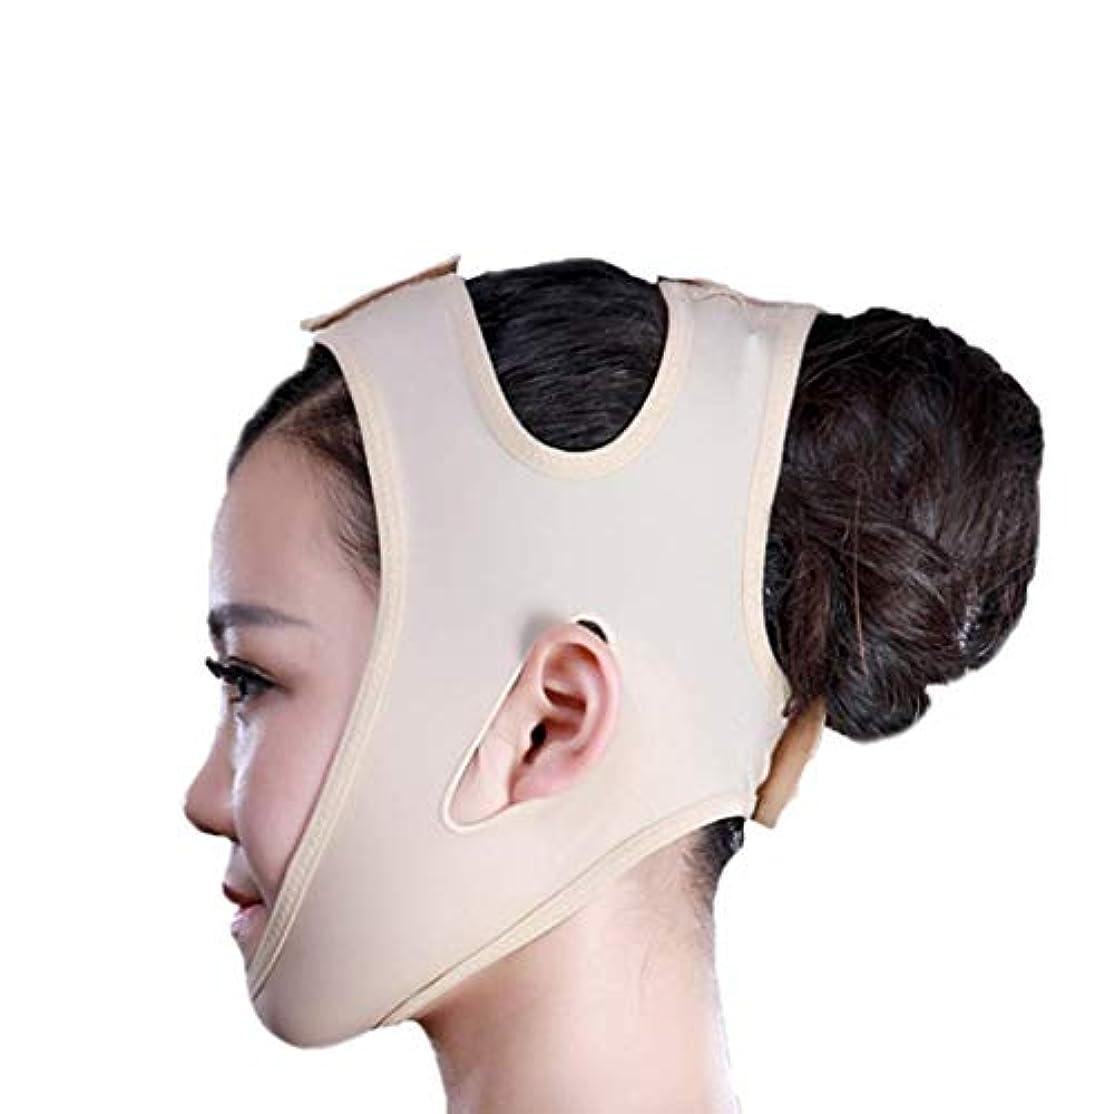 攻撃偶然の持続的フェイススリミングマスク、快適さと通気性、フェイシャルリフティング、輪郭の改善された硬さ、ファーミングとリフティングフェイス(カラー:ブラック、サイズ:XL),黄色がかったピンク、L